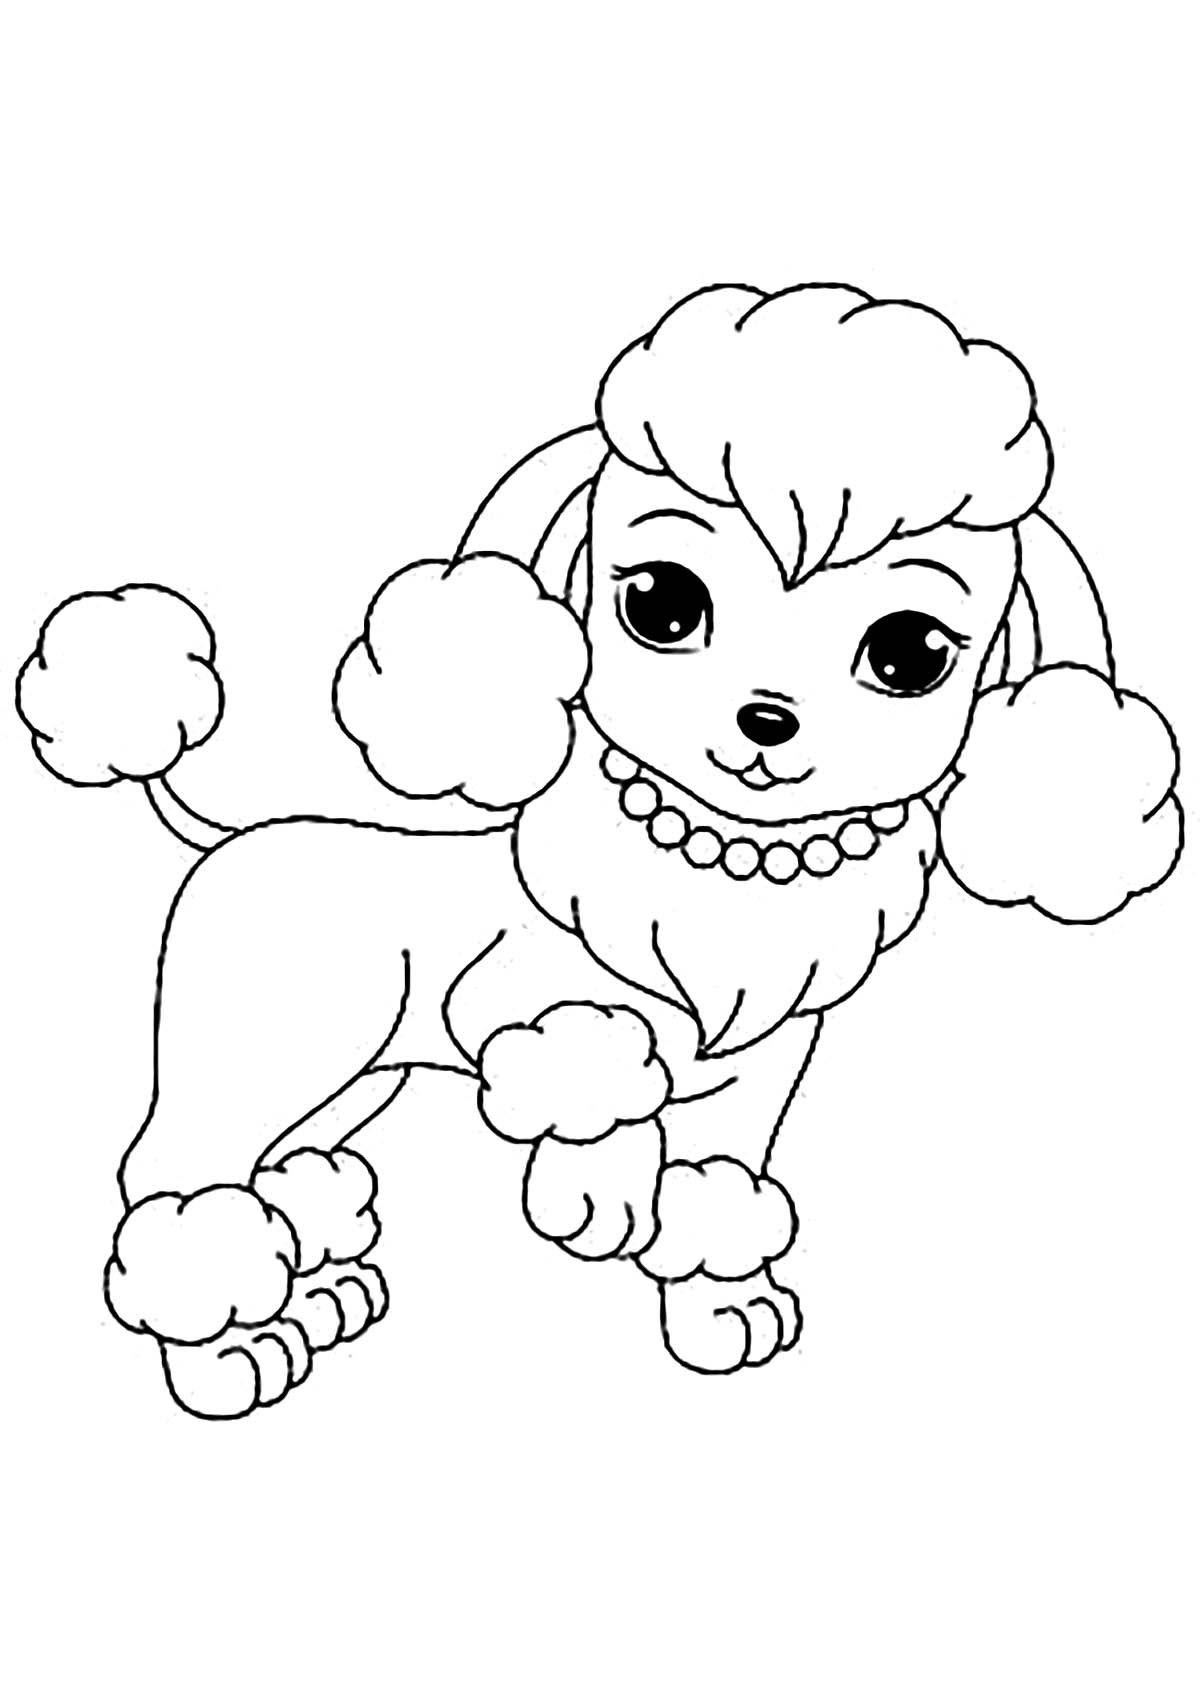 Chienne et collier - Coloriages de chiens - Coloriages ...